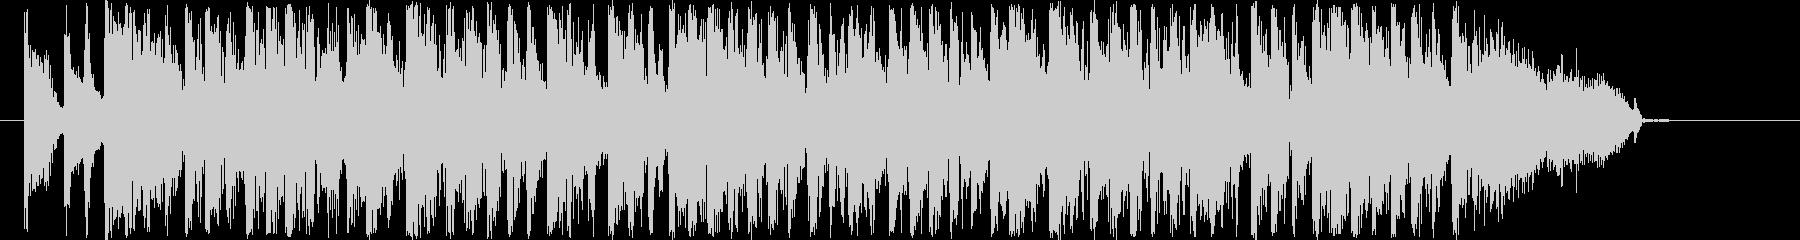 クール&グルーヴィなファンクサウンドロゴの未再生の波形